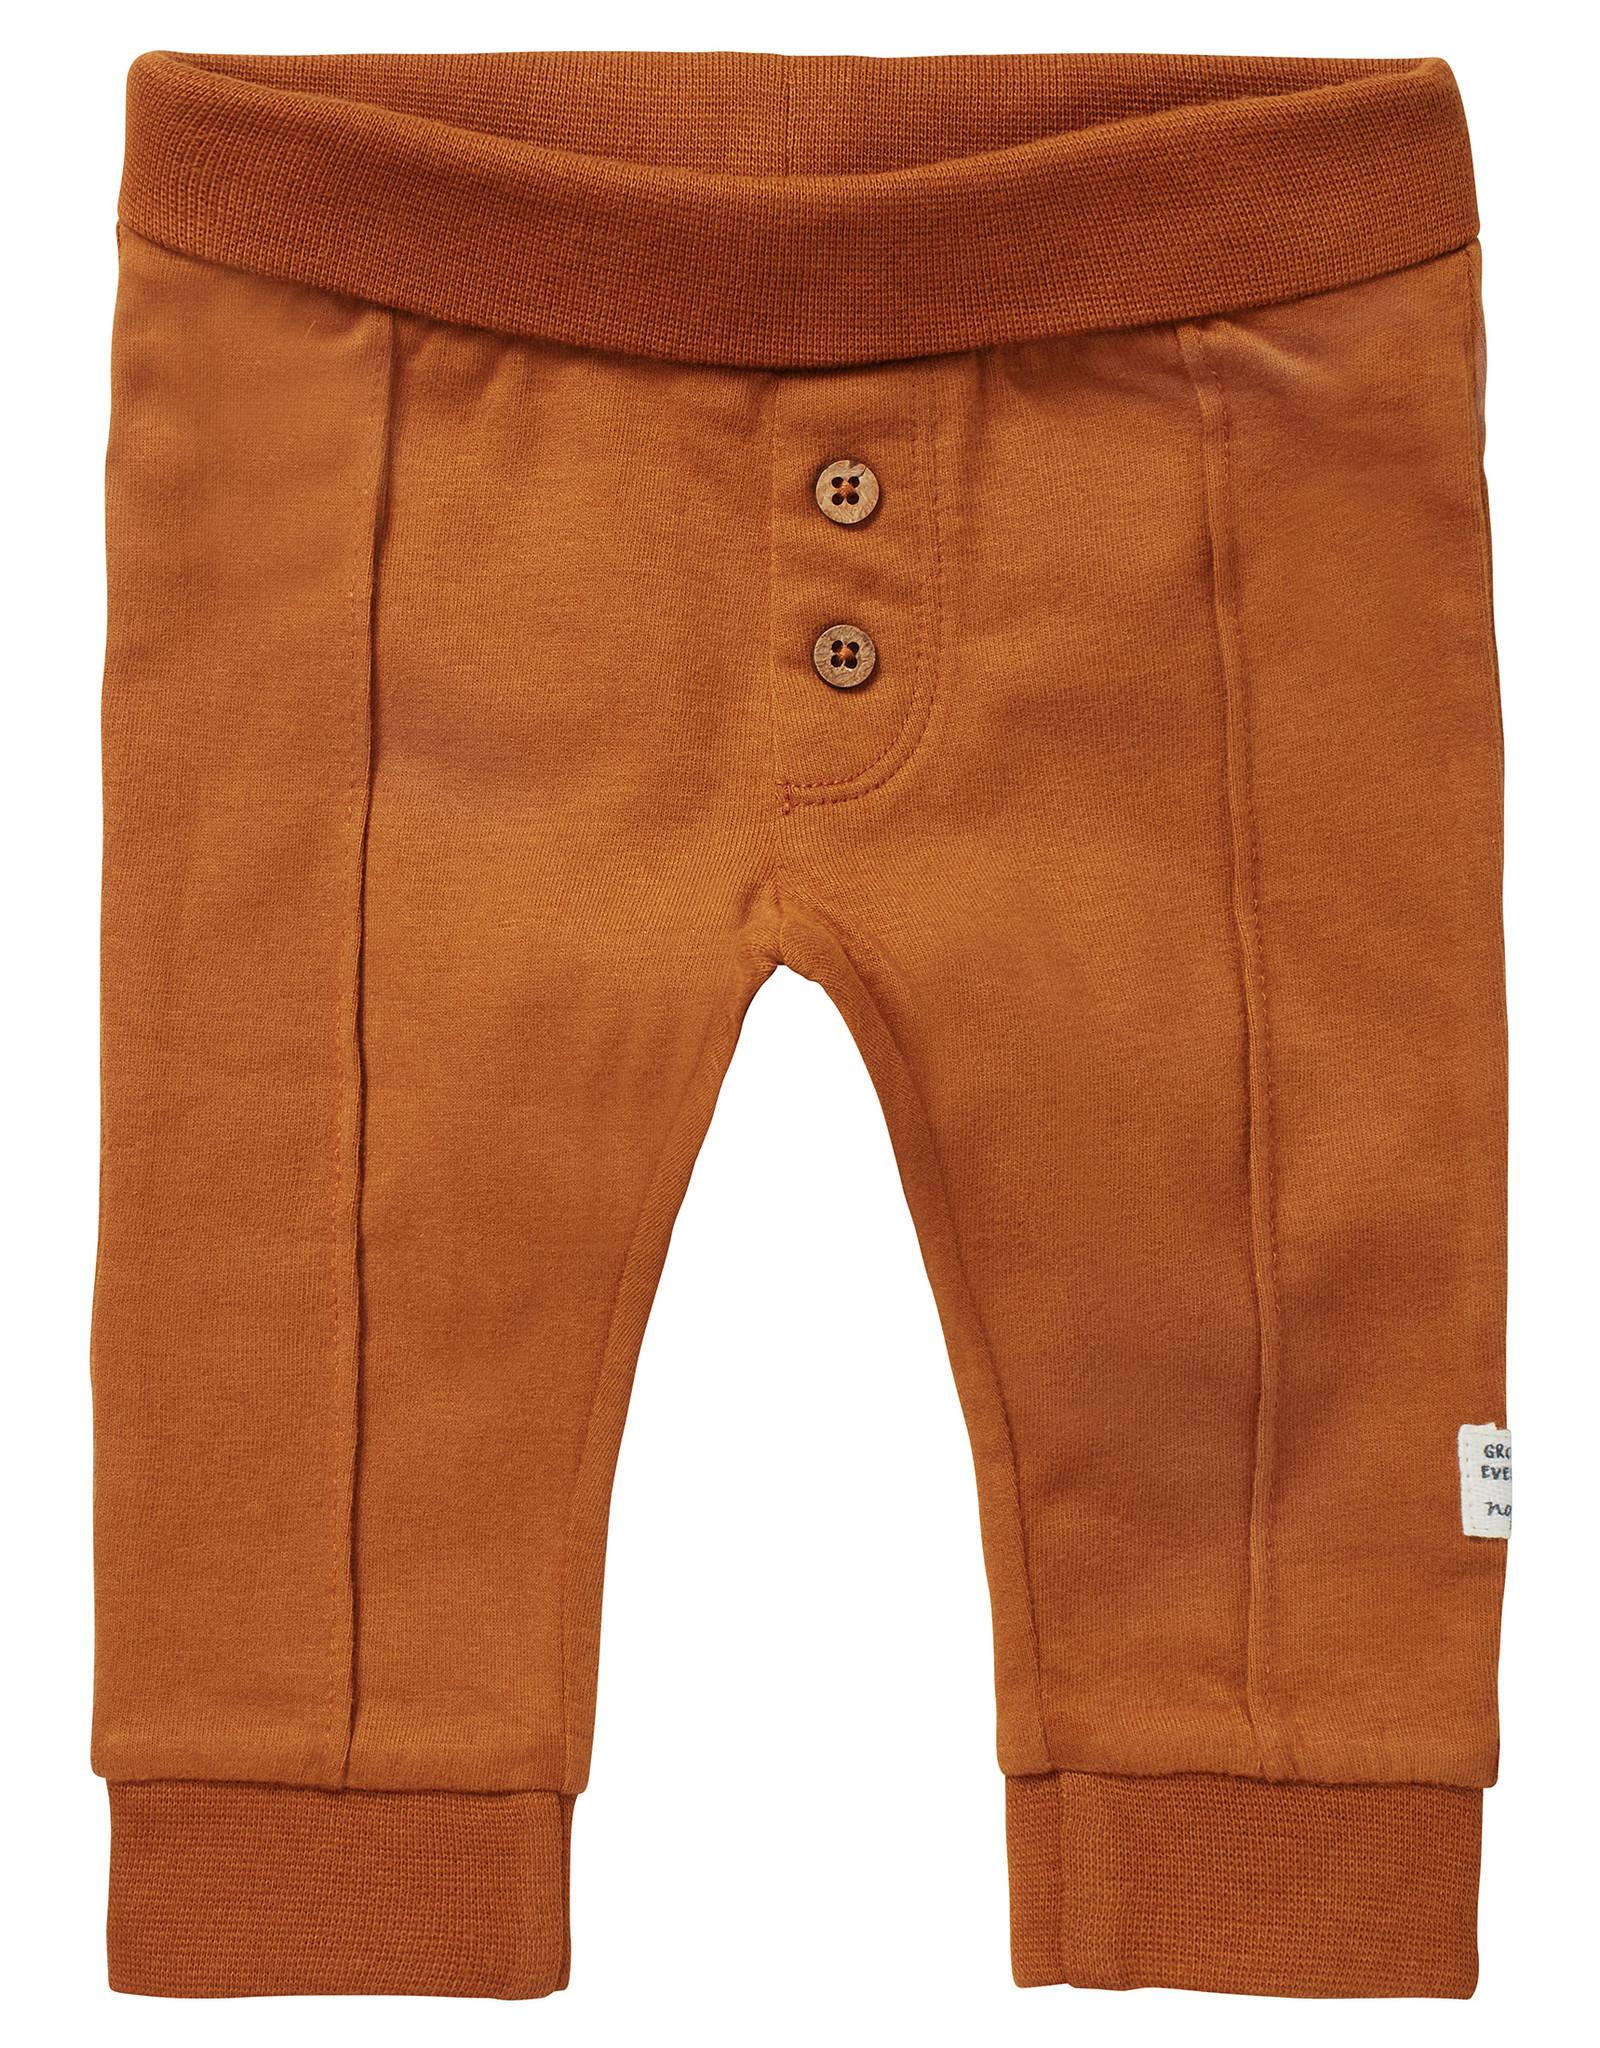 Noppies U Slim Fit Pants Swanley, Roasted Pecan